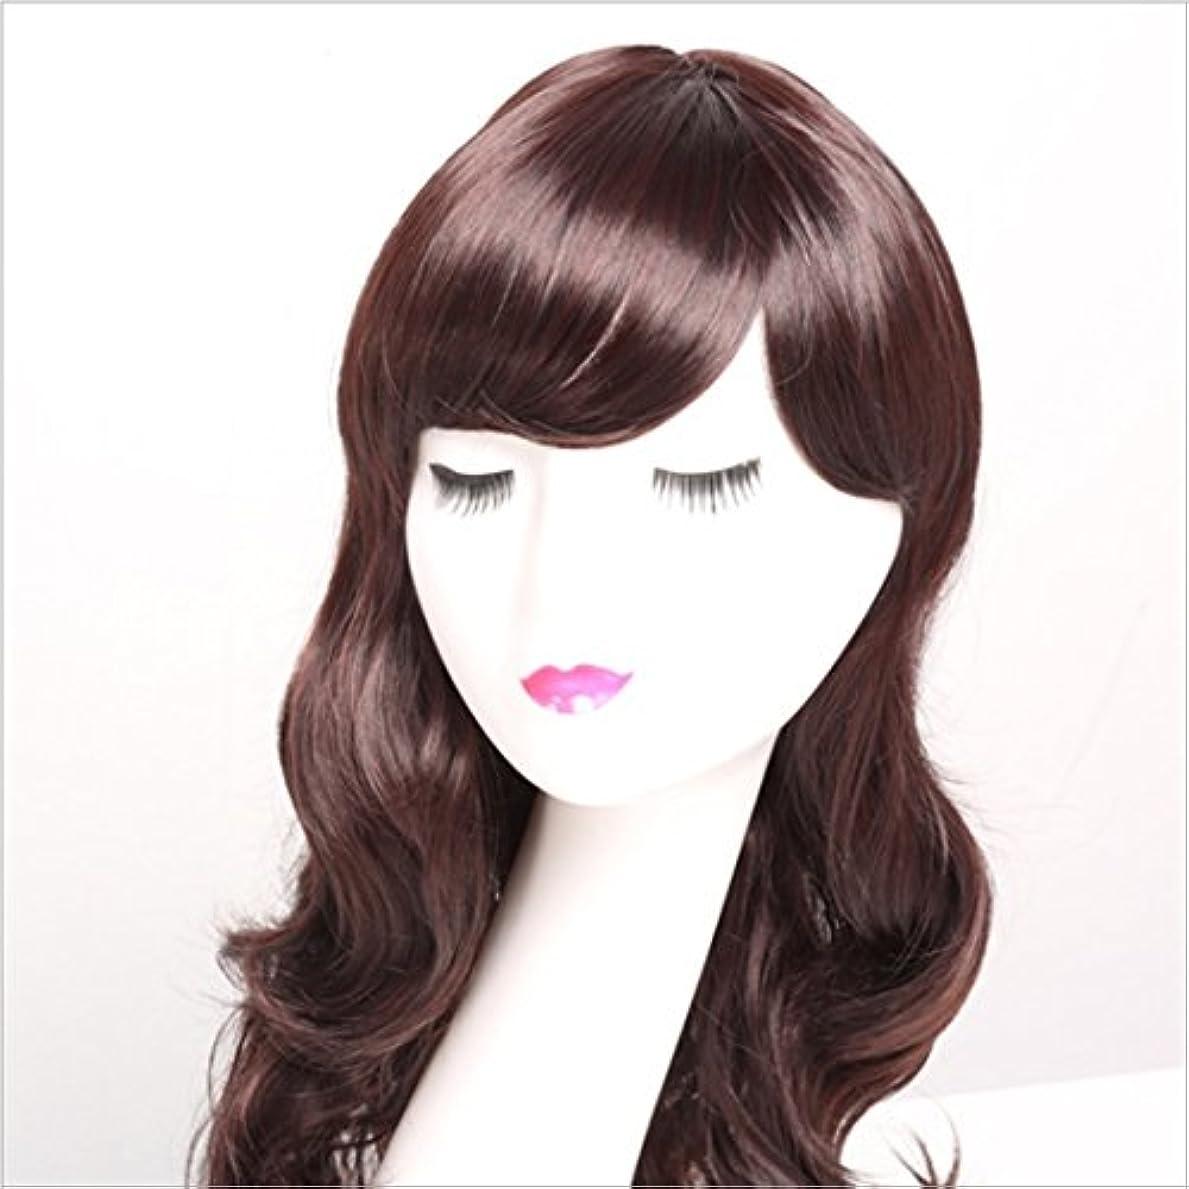 グローバル高音担当者JIANFU (ダークブラウン、ブラック、ライトブラウン)女性のための合成長いカールウィッグ人間の髪大きな波カールショルダーウィッグ斜めバングズと女性のための自然な色180グラム (Color : Dark brown)